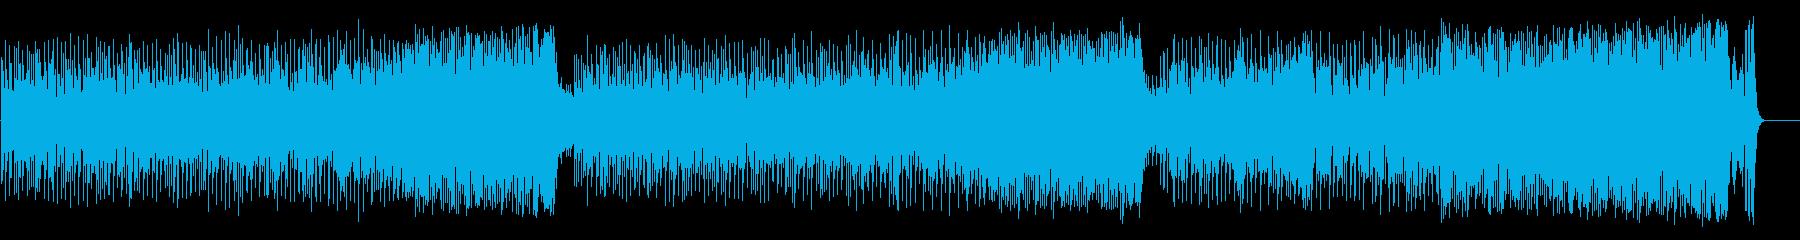 和やかなポップ BGM(フルサイズ)の再生済みの波形